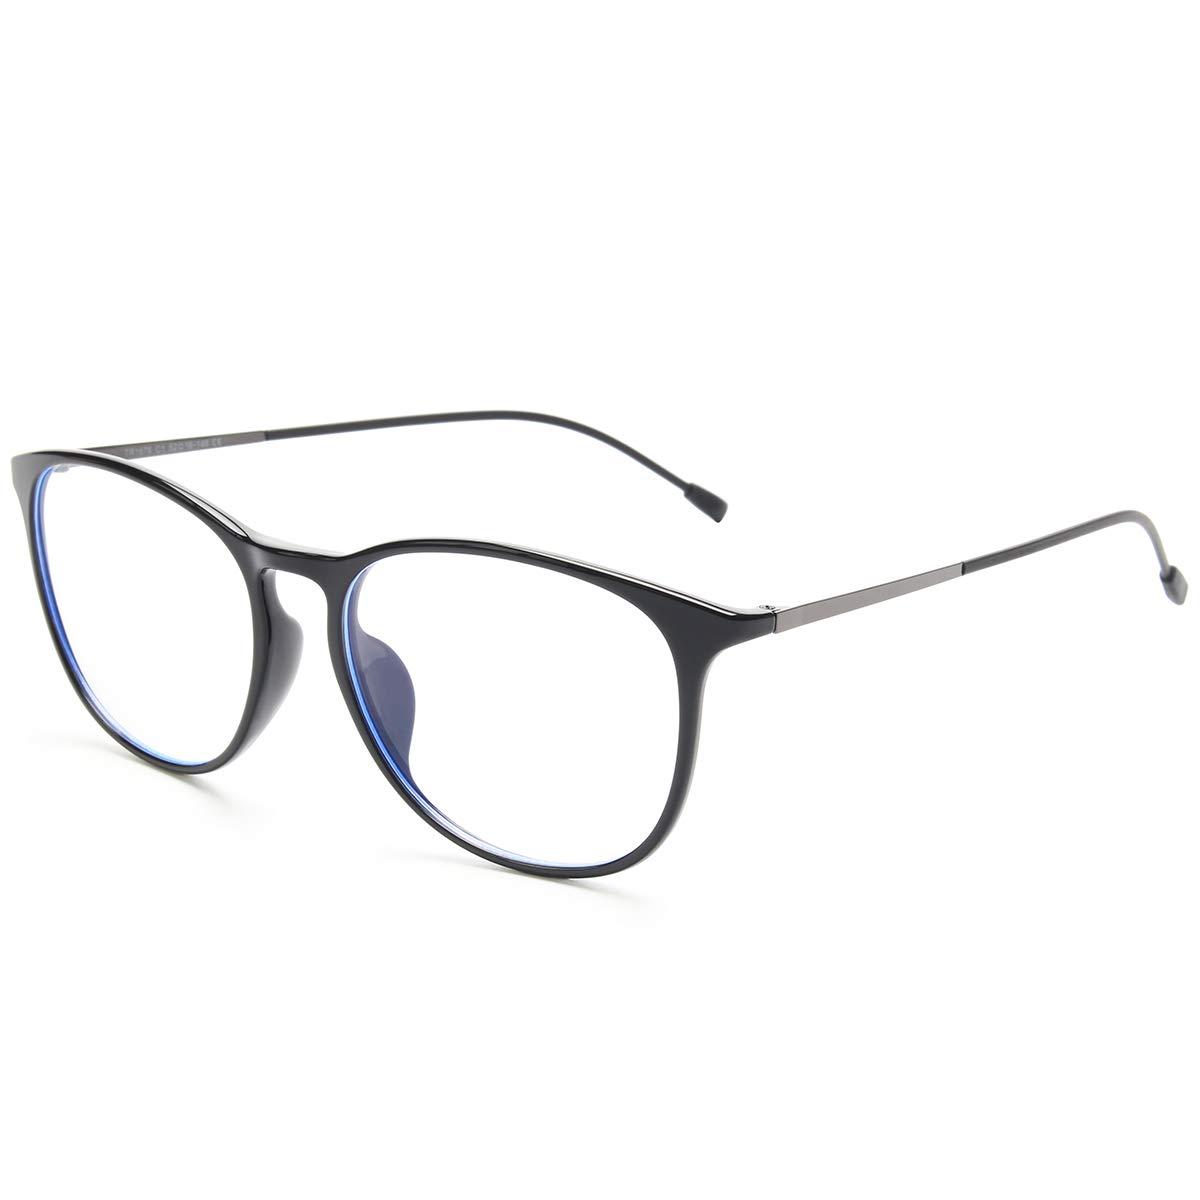 Livho Blue Light Blocking Computer Glasses for Women Men,Anti Glare UV Filter TR90 Eyewear Frame Eyeglasses 0.0 Diopter